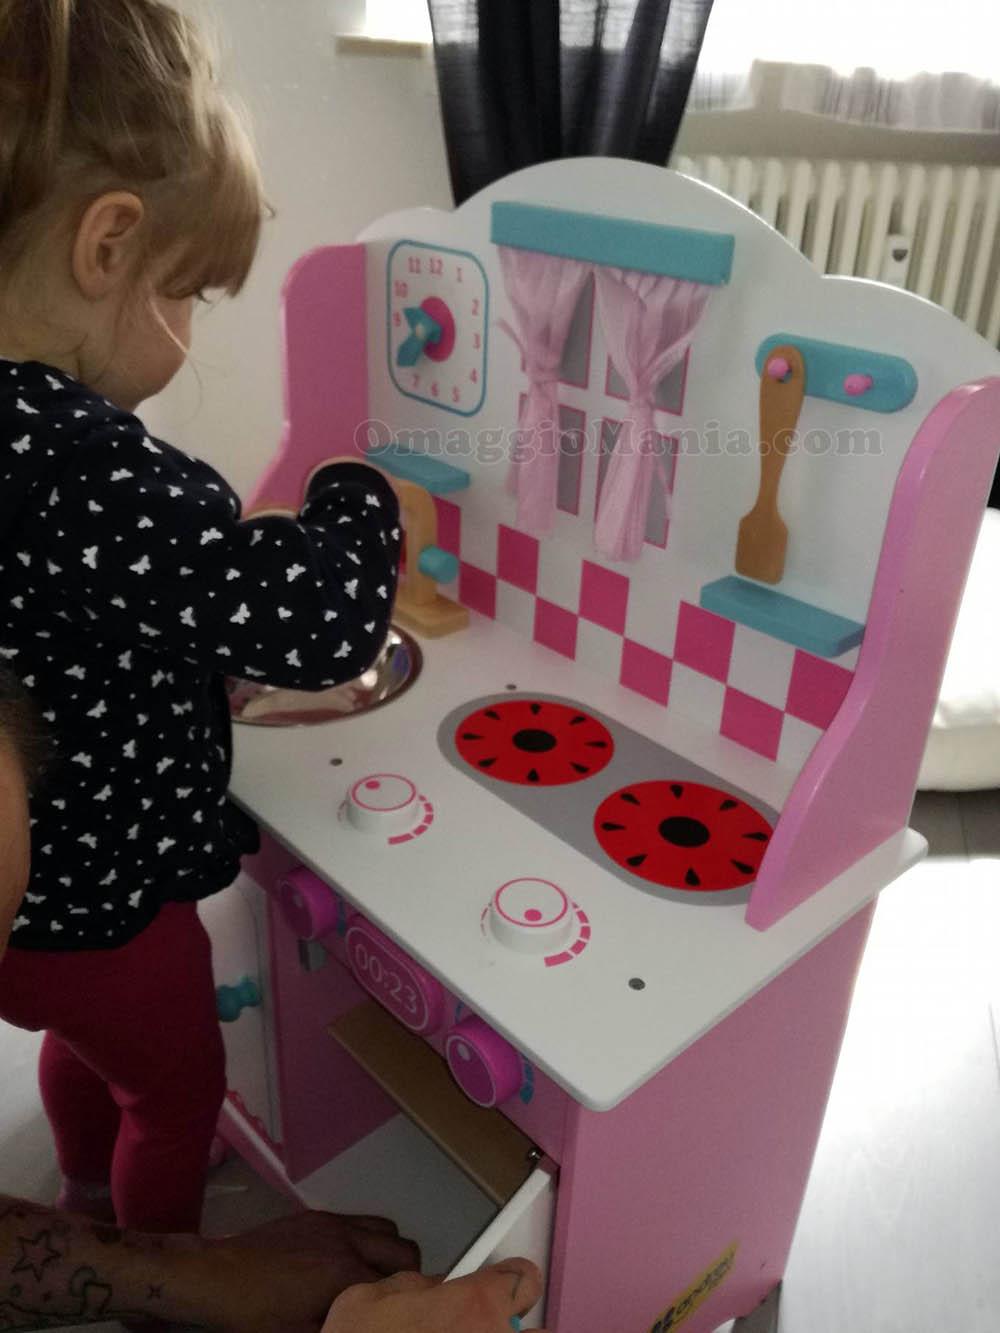 cucina giocattolo Kidits di Ale